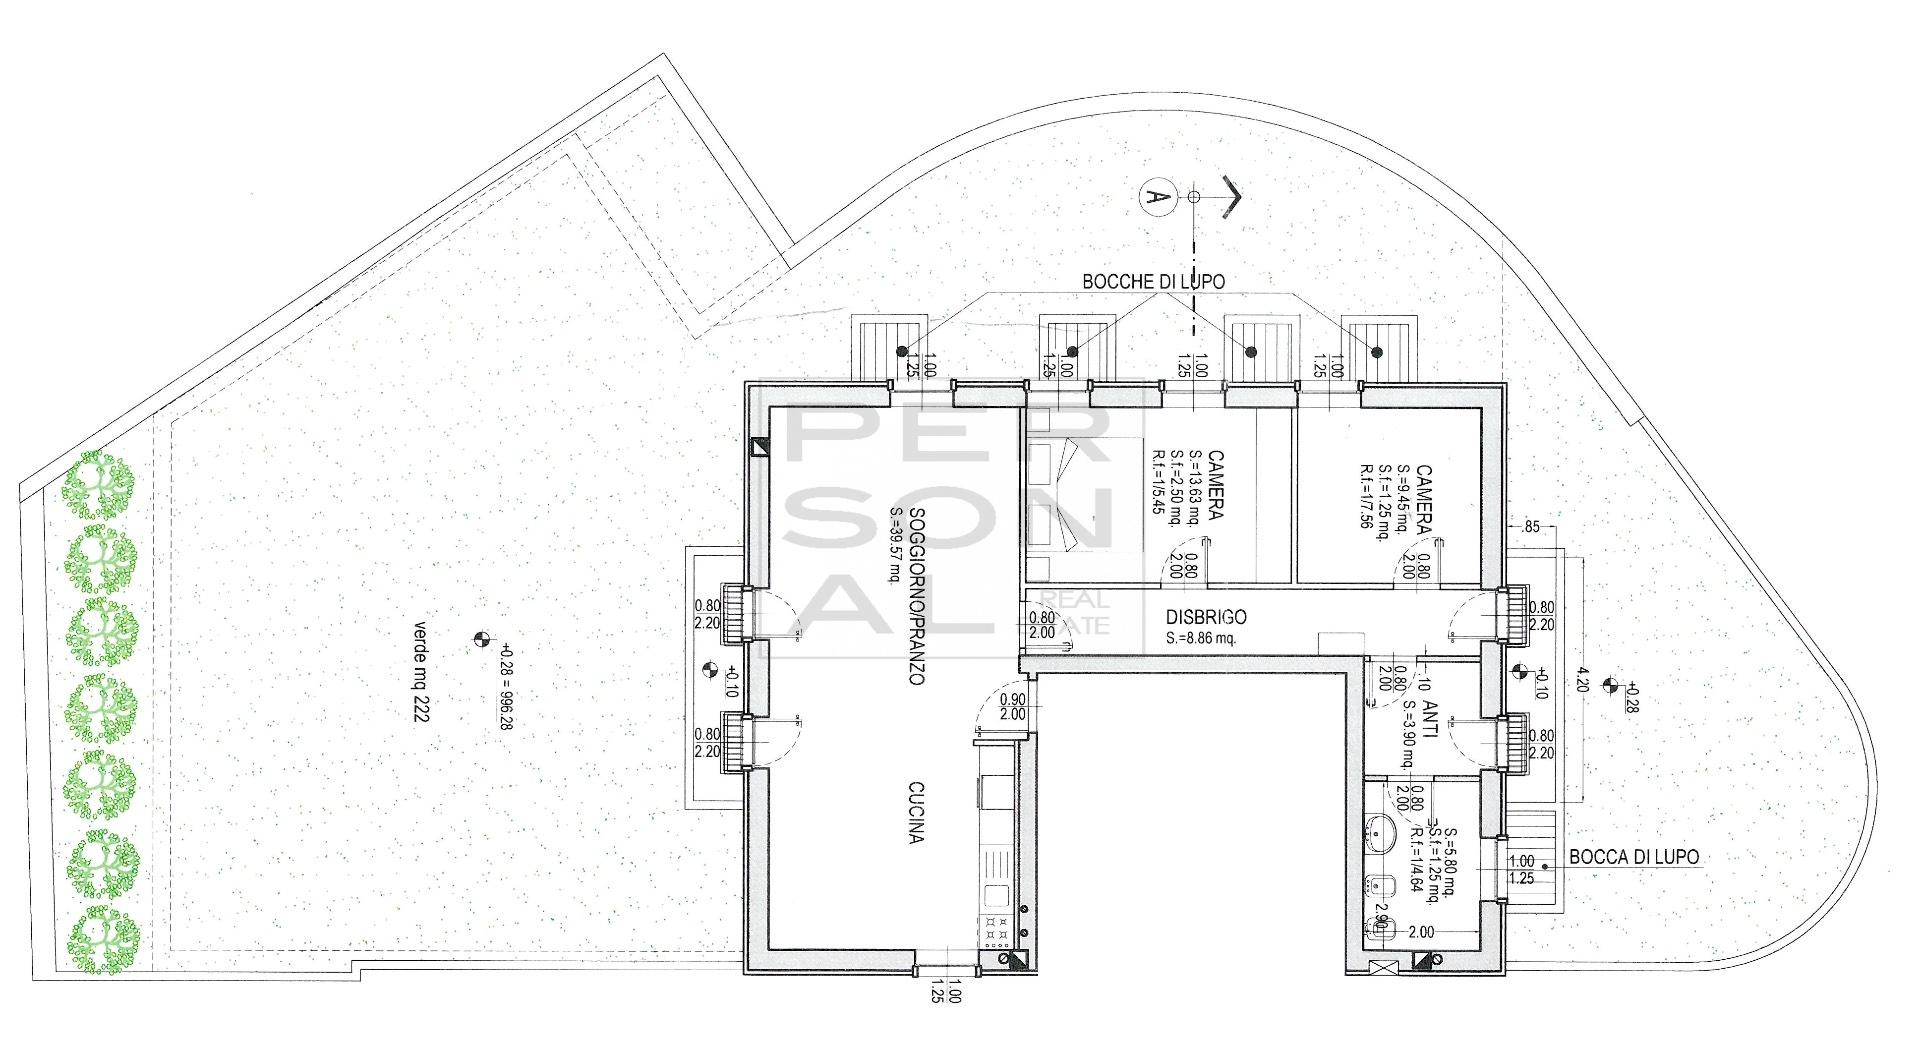 Appartamento in vendita a Cavedine, 5 locali, zona Zona: Stravino, prezzo € 169.000 | CambioCasa.it